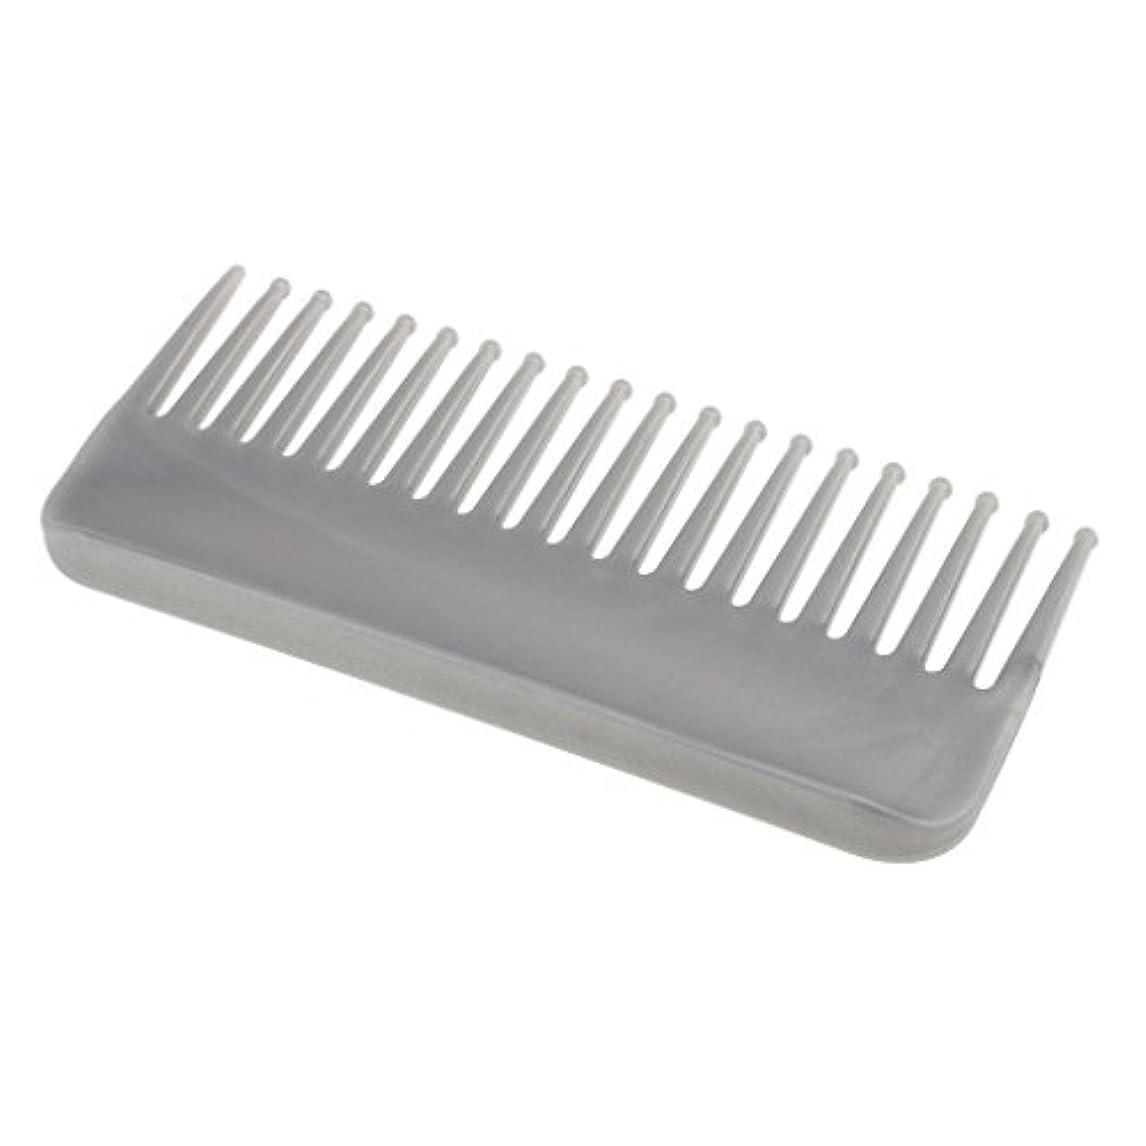 レビュアー信条最もプラスチック製の絡みのない広い歯のヘアブラシサロンヘアケアマッサージツール